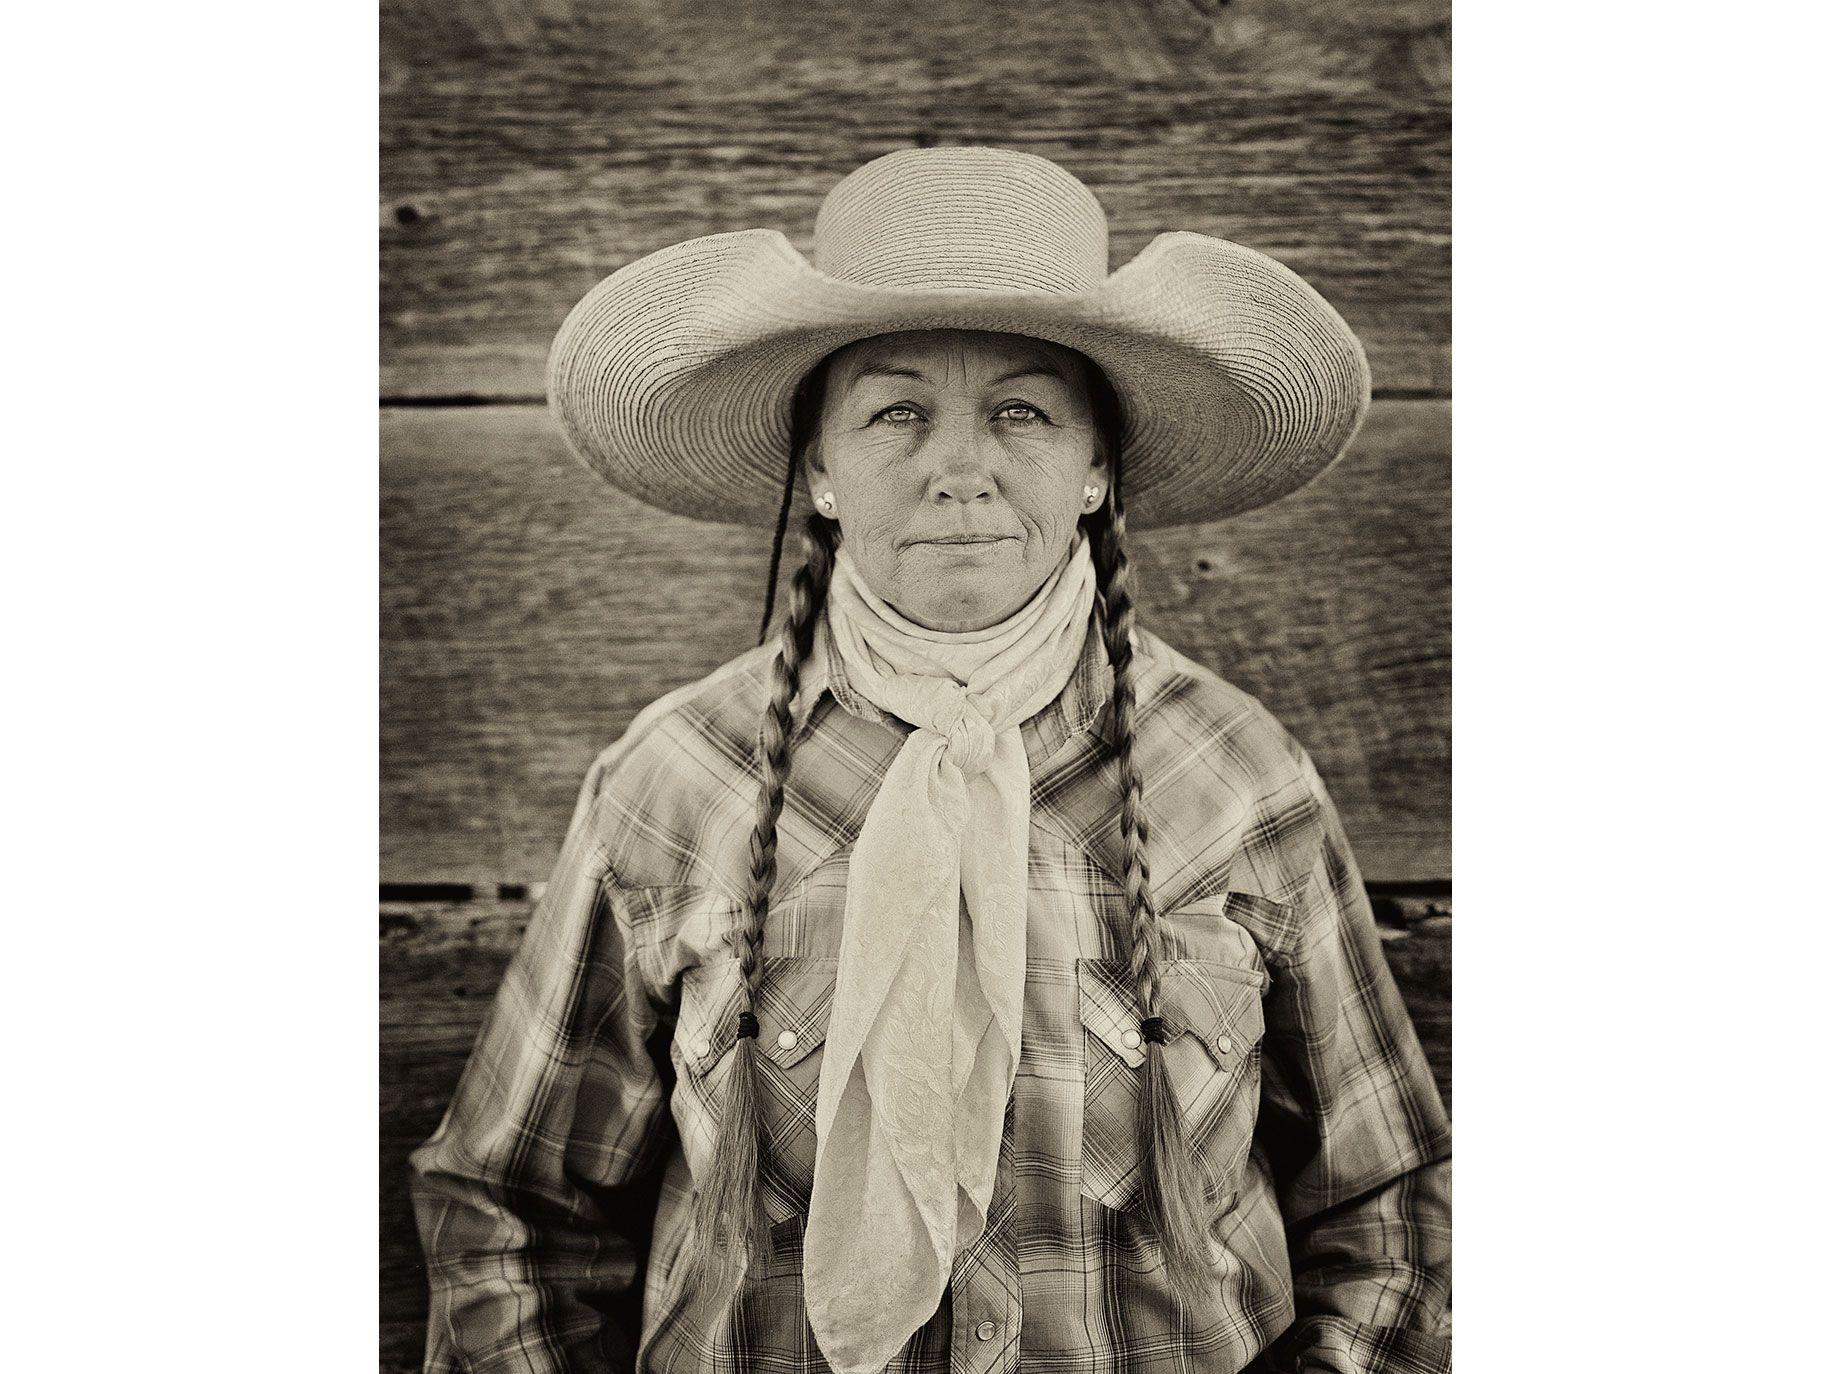 Sheila Carlson, Flying M Ranch, Coconino County, Ariz., 2013.